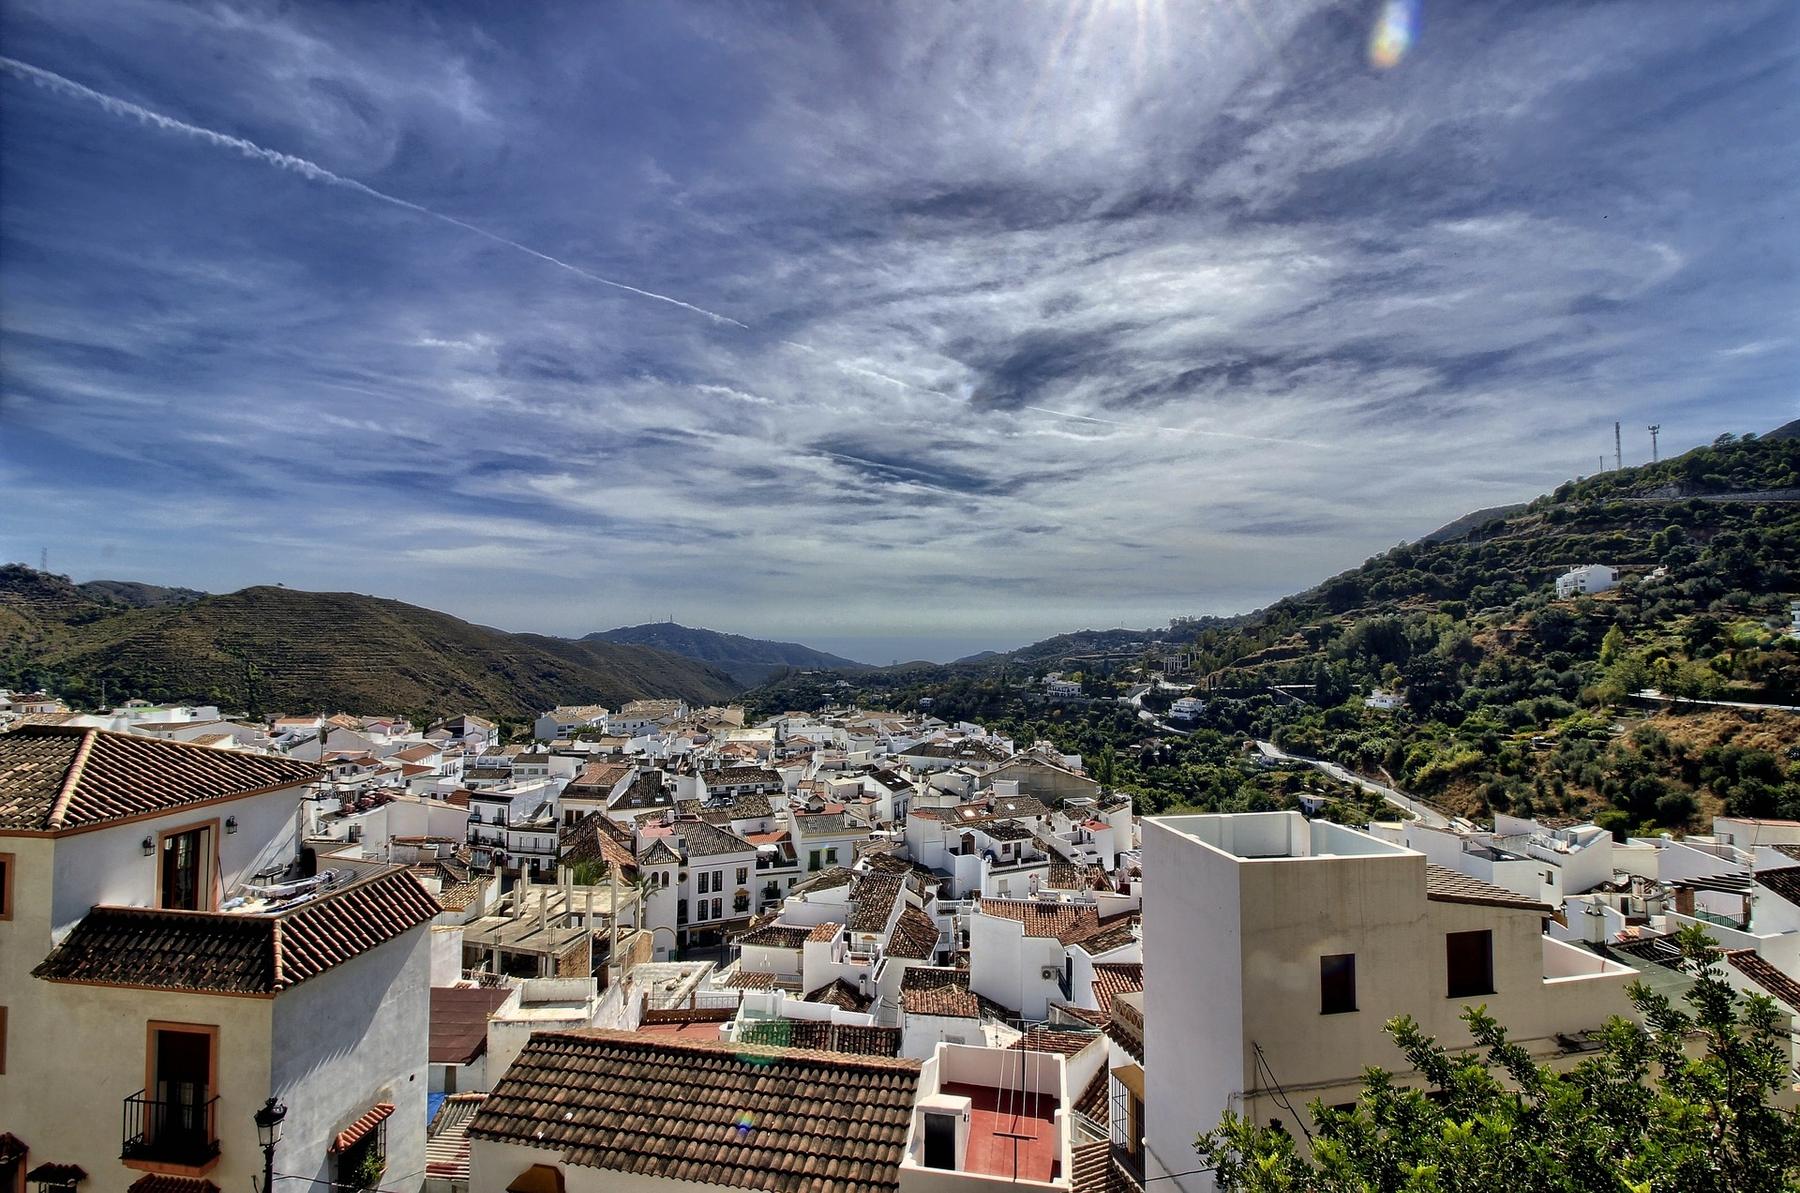 Ojén es uno de los preciosos pueblos de la Axarquía, una de las comarcas de interior de la provincia de Málaga